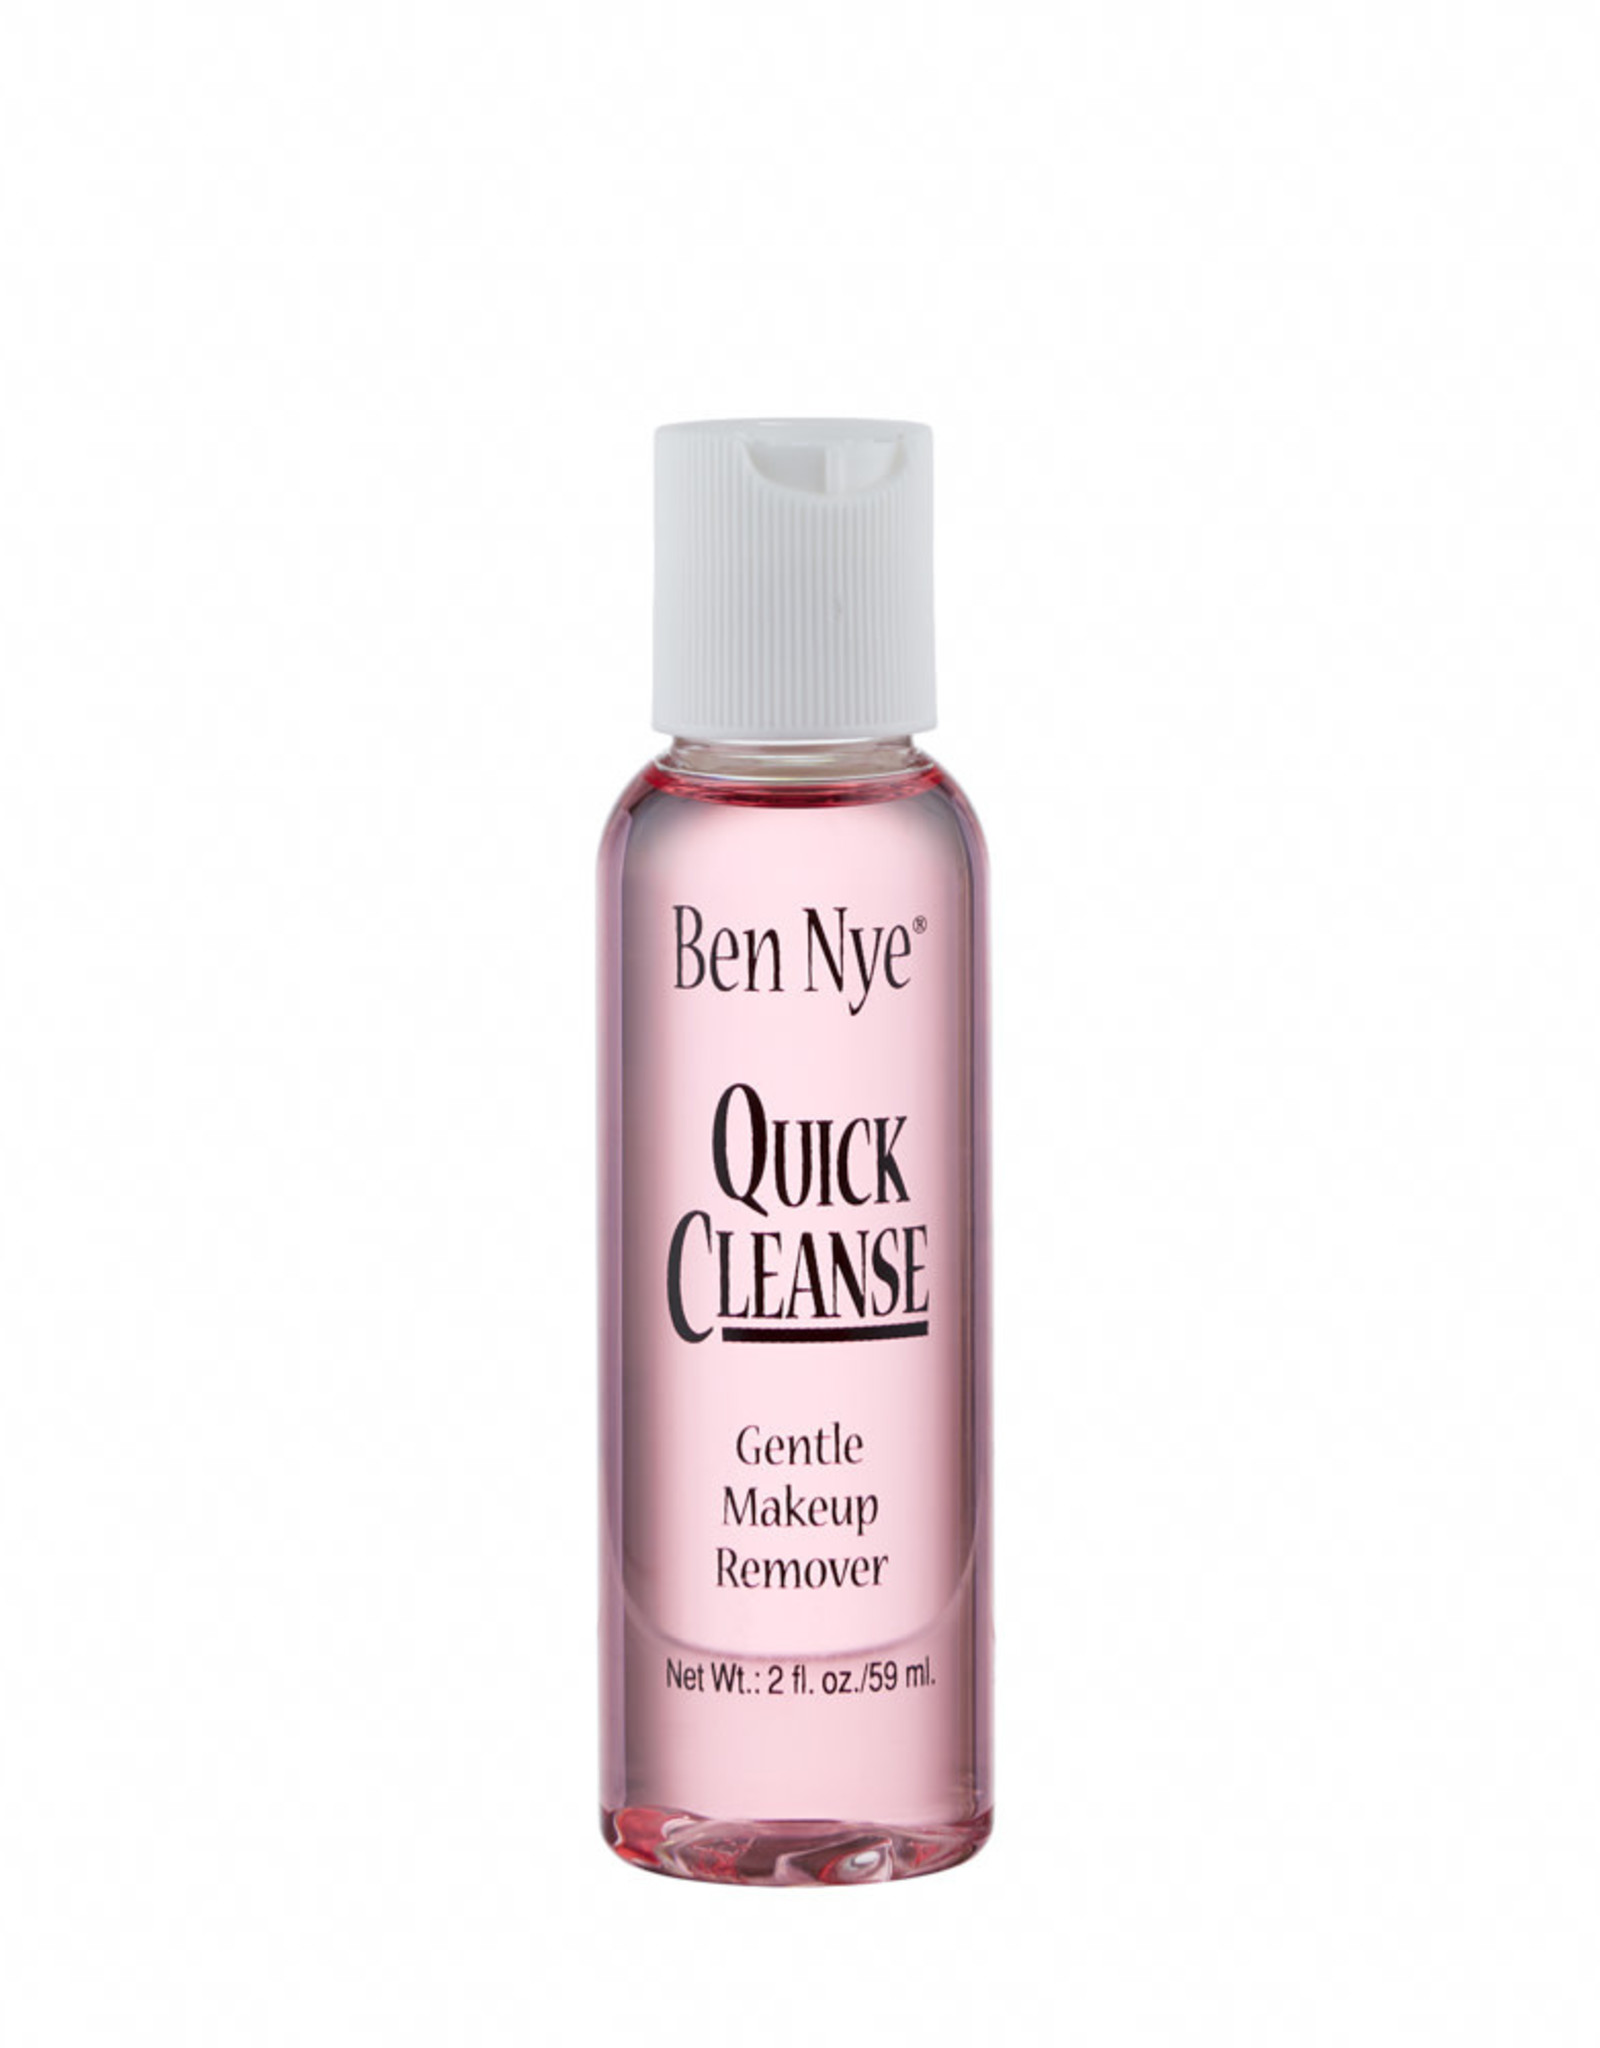 Ben Nye QUICK CLEANSE, 2 FL OZ